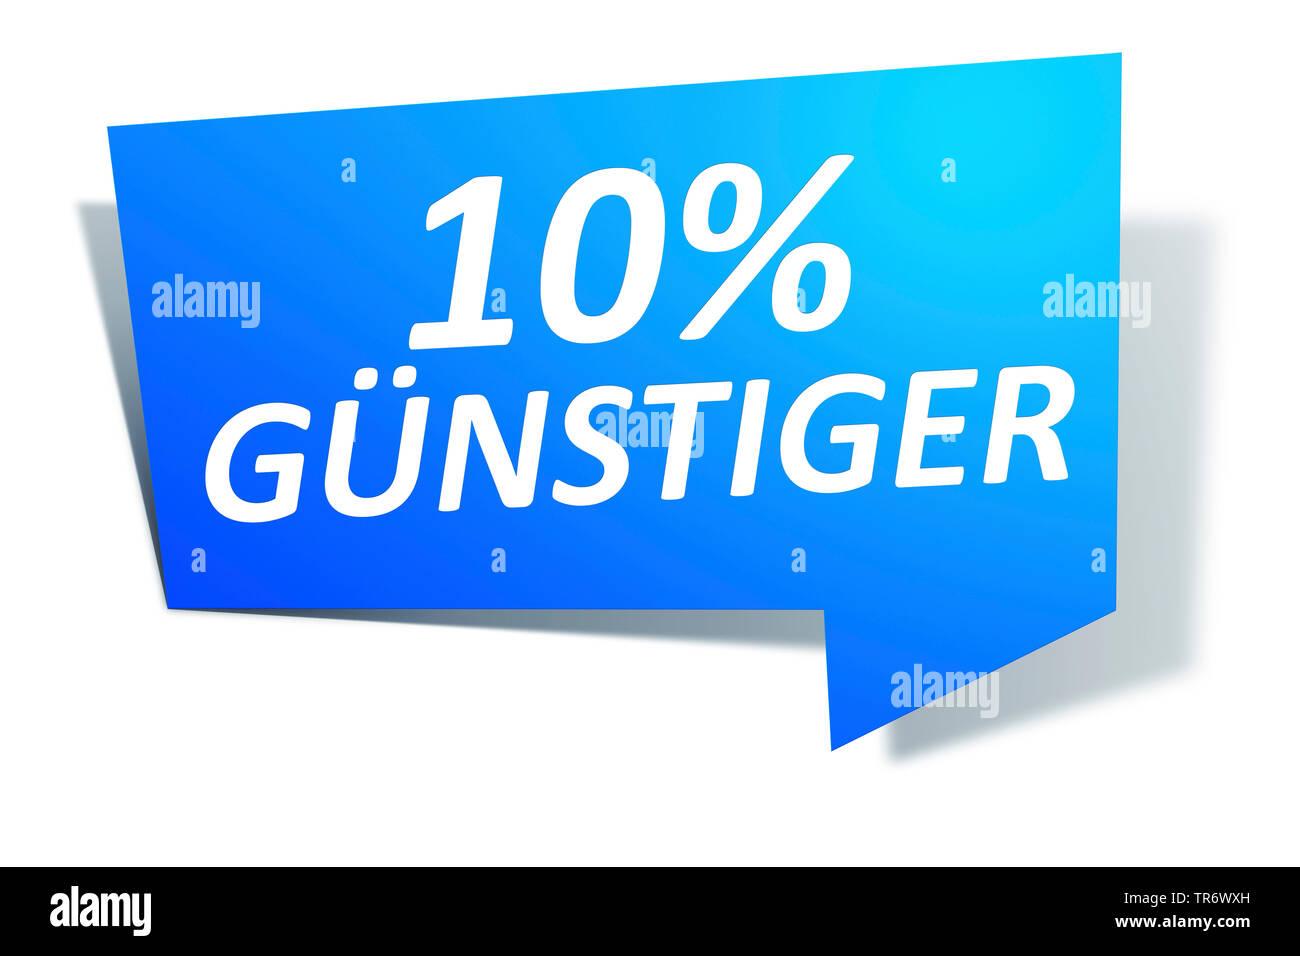 3D Computergrafik, blaue Sprechblase mit Text 10% GUENSTIGER, Europa | 3D computer graphic, blue speech bubble reading 10% GUeNSTIGER - 10% CHEAPER, E - Stock Image